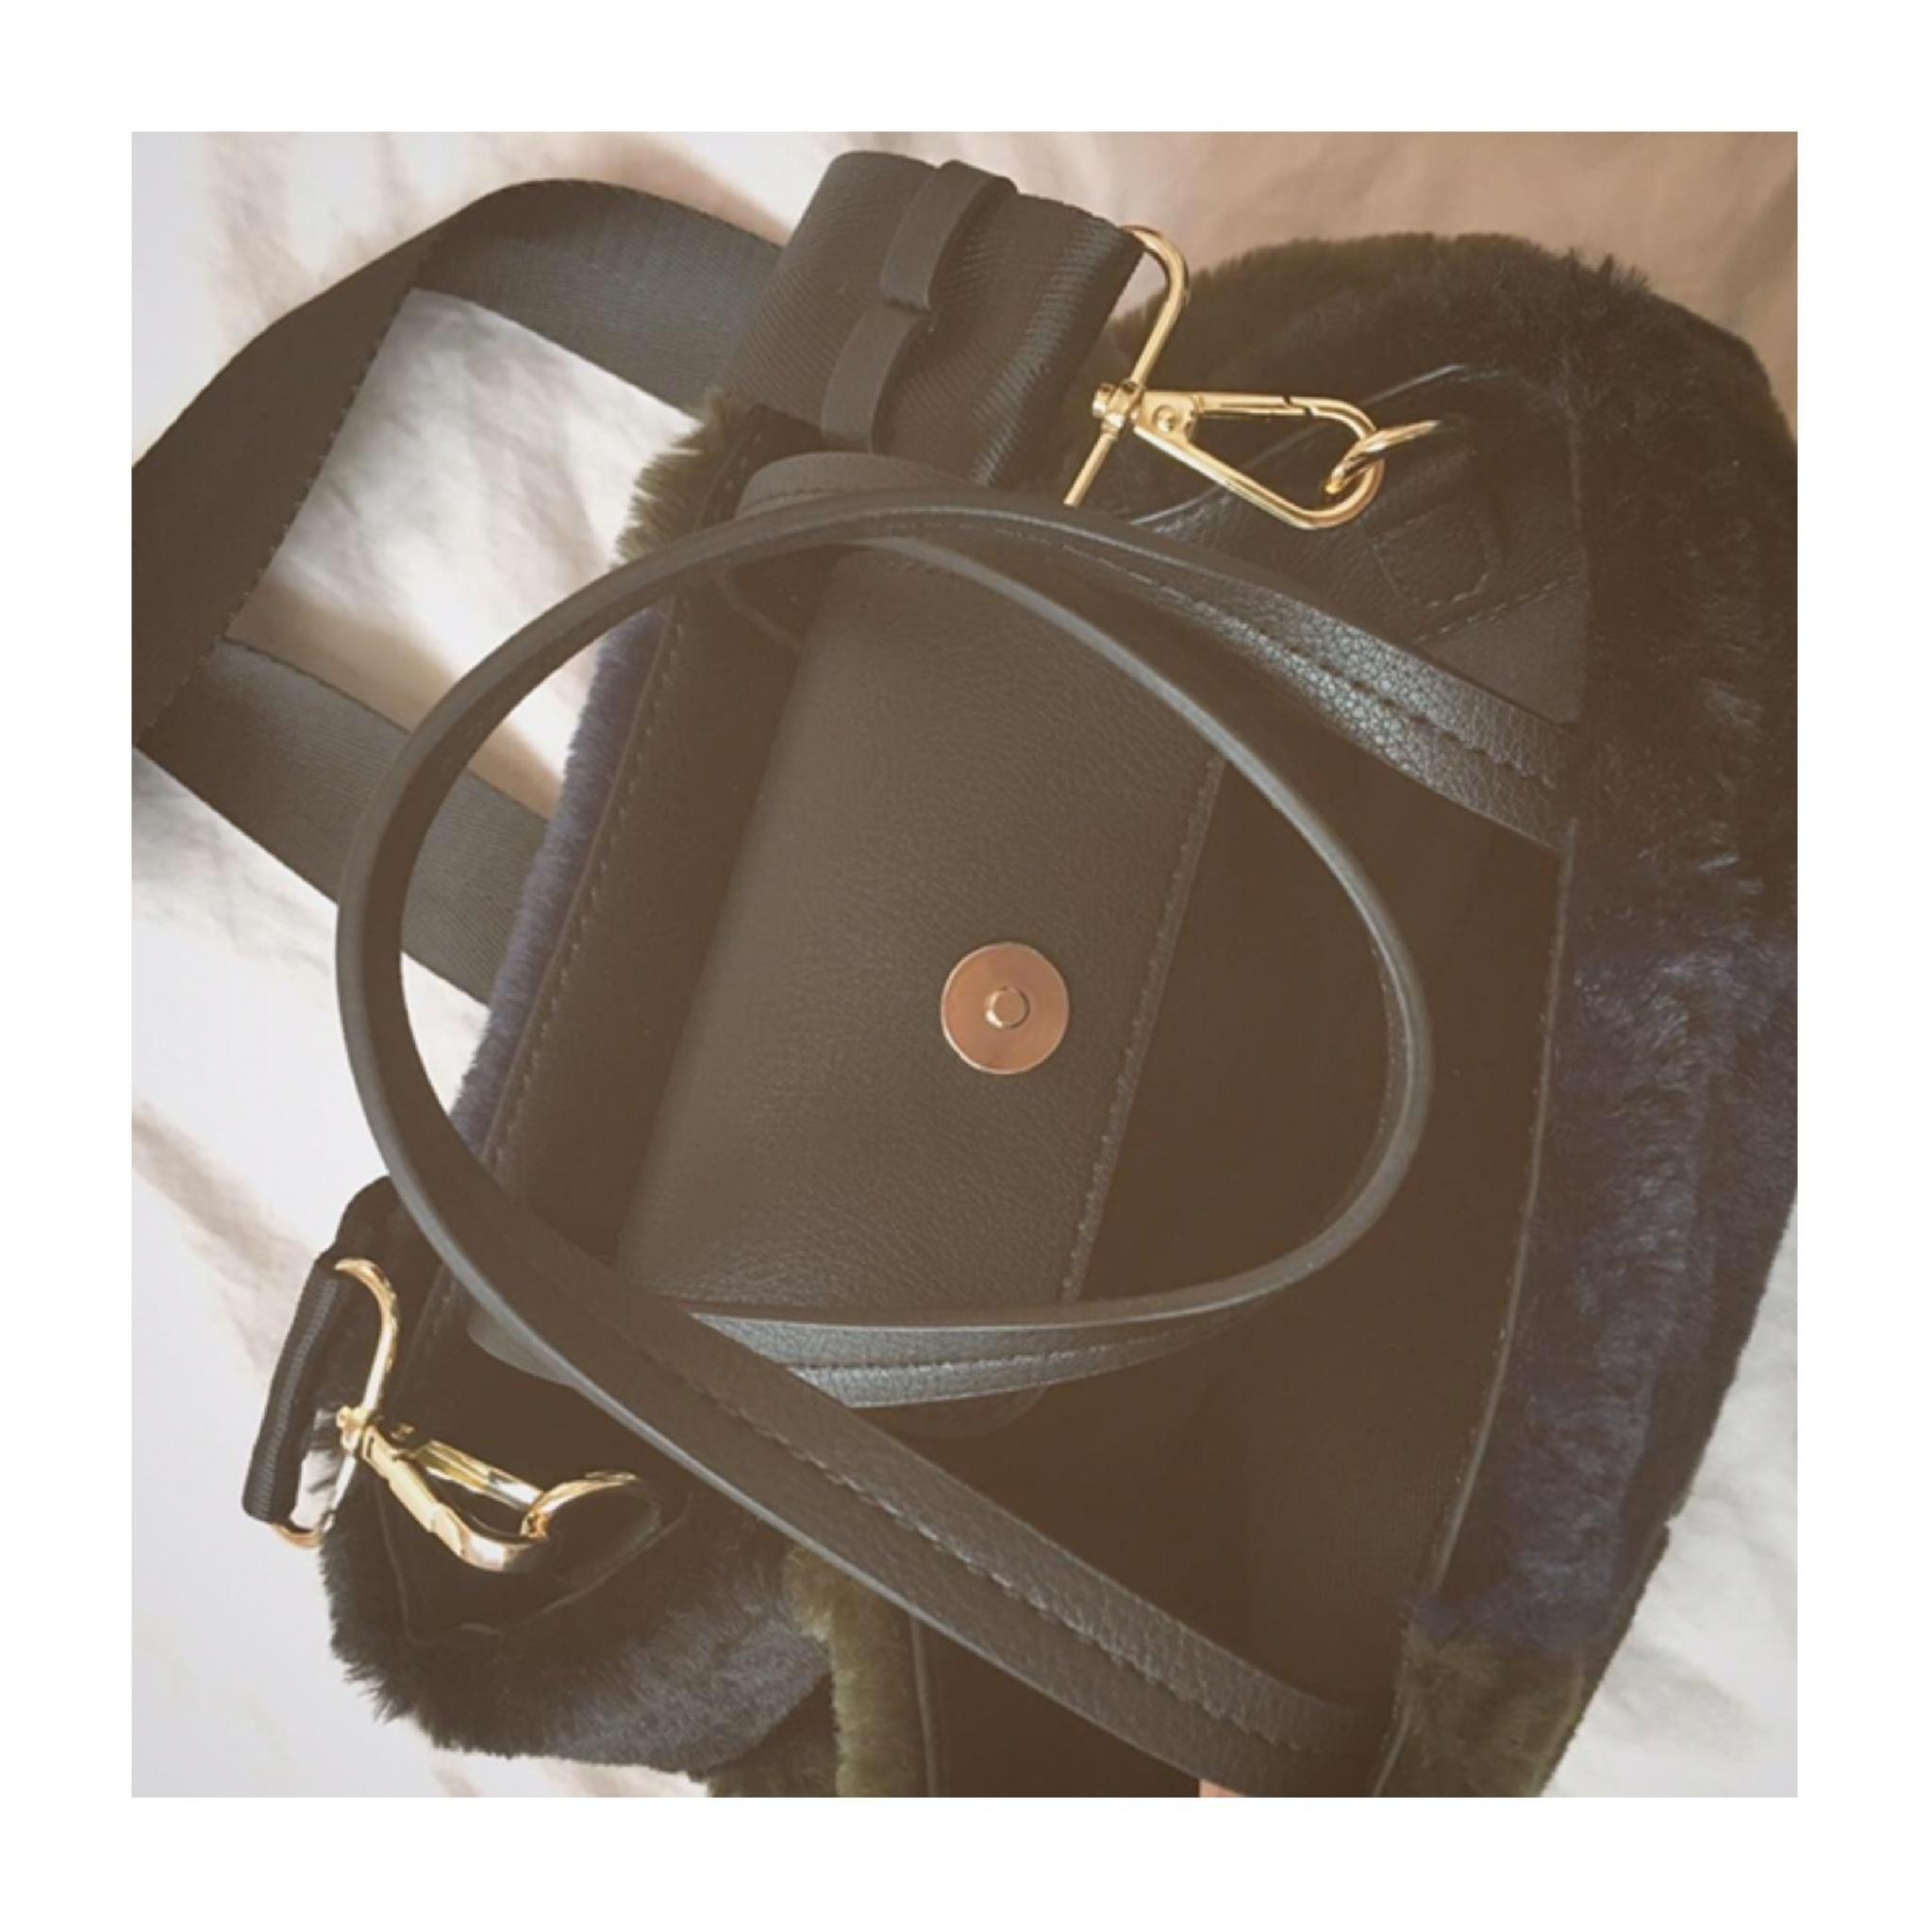 《ザラジョ必見❤️》褒められアイテム✌︎【ZARA】の2WAYファーバッグが高見えで可愛すぎる!_3